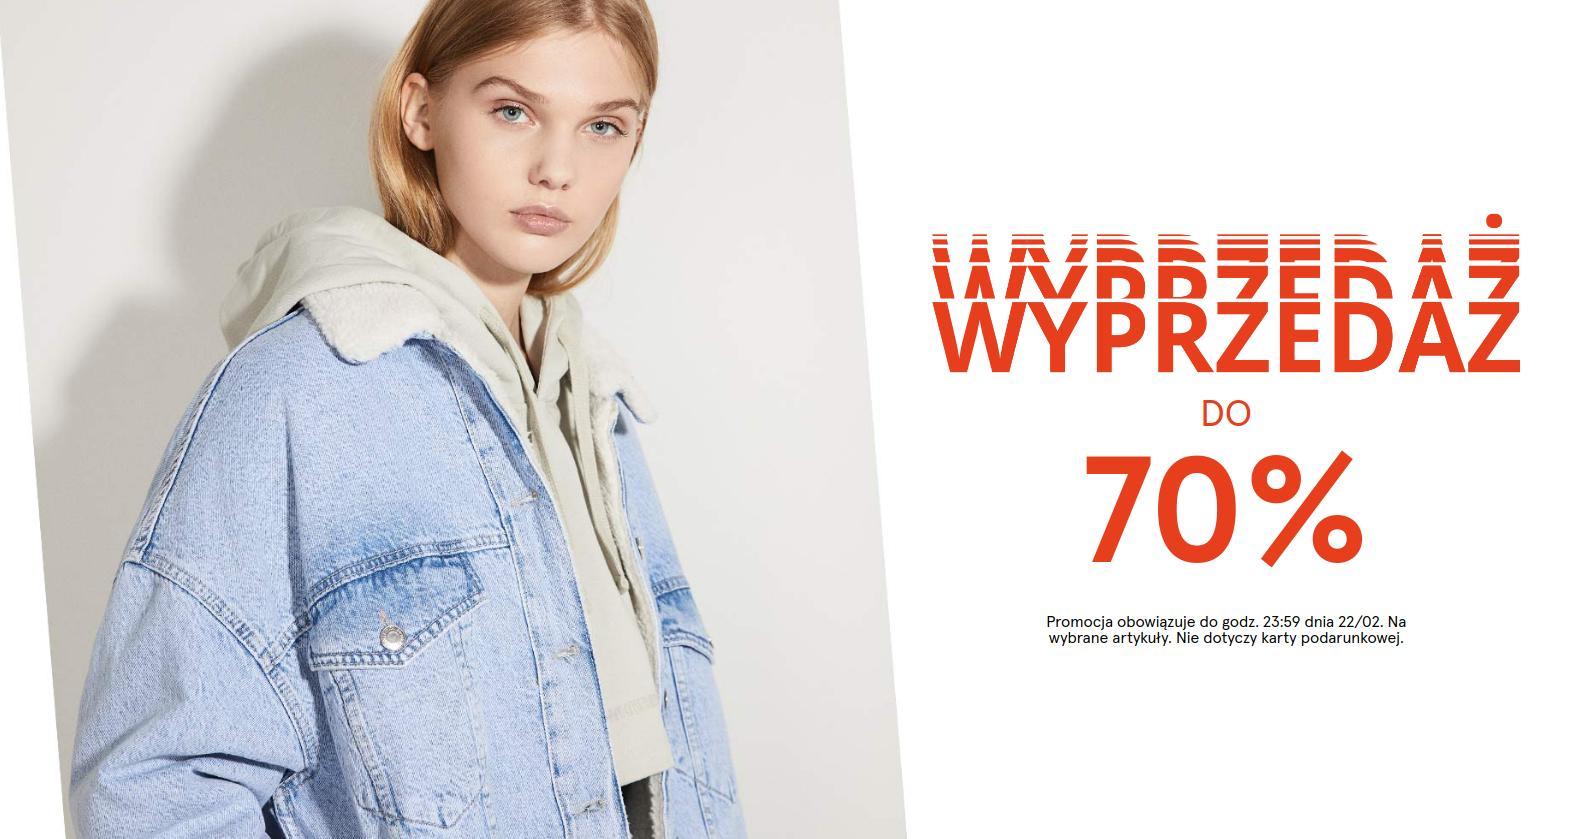 Bershka Bershka: wyprzedaż do 70% zniżki na odzież i akcesoria damskie